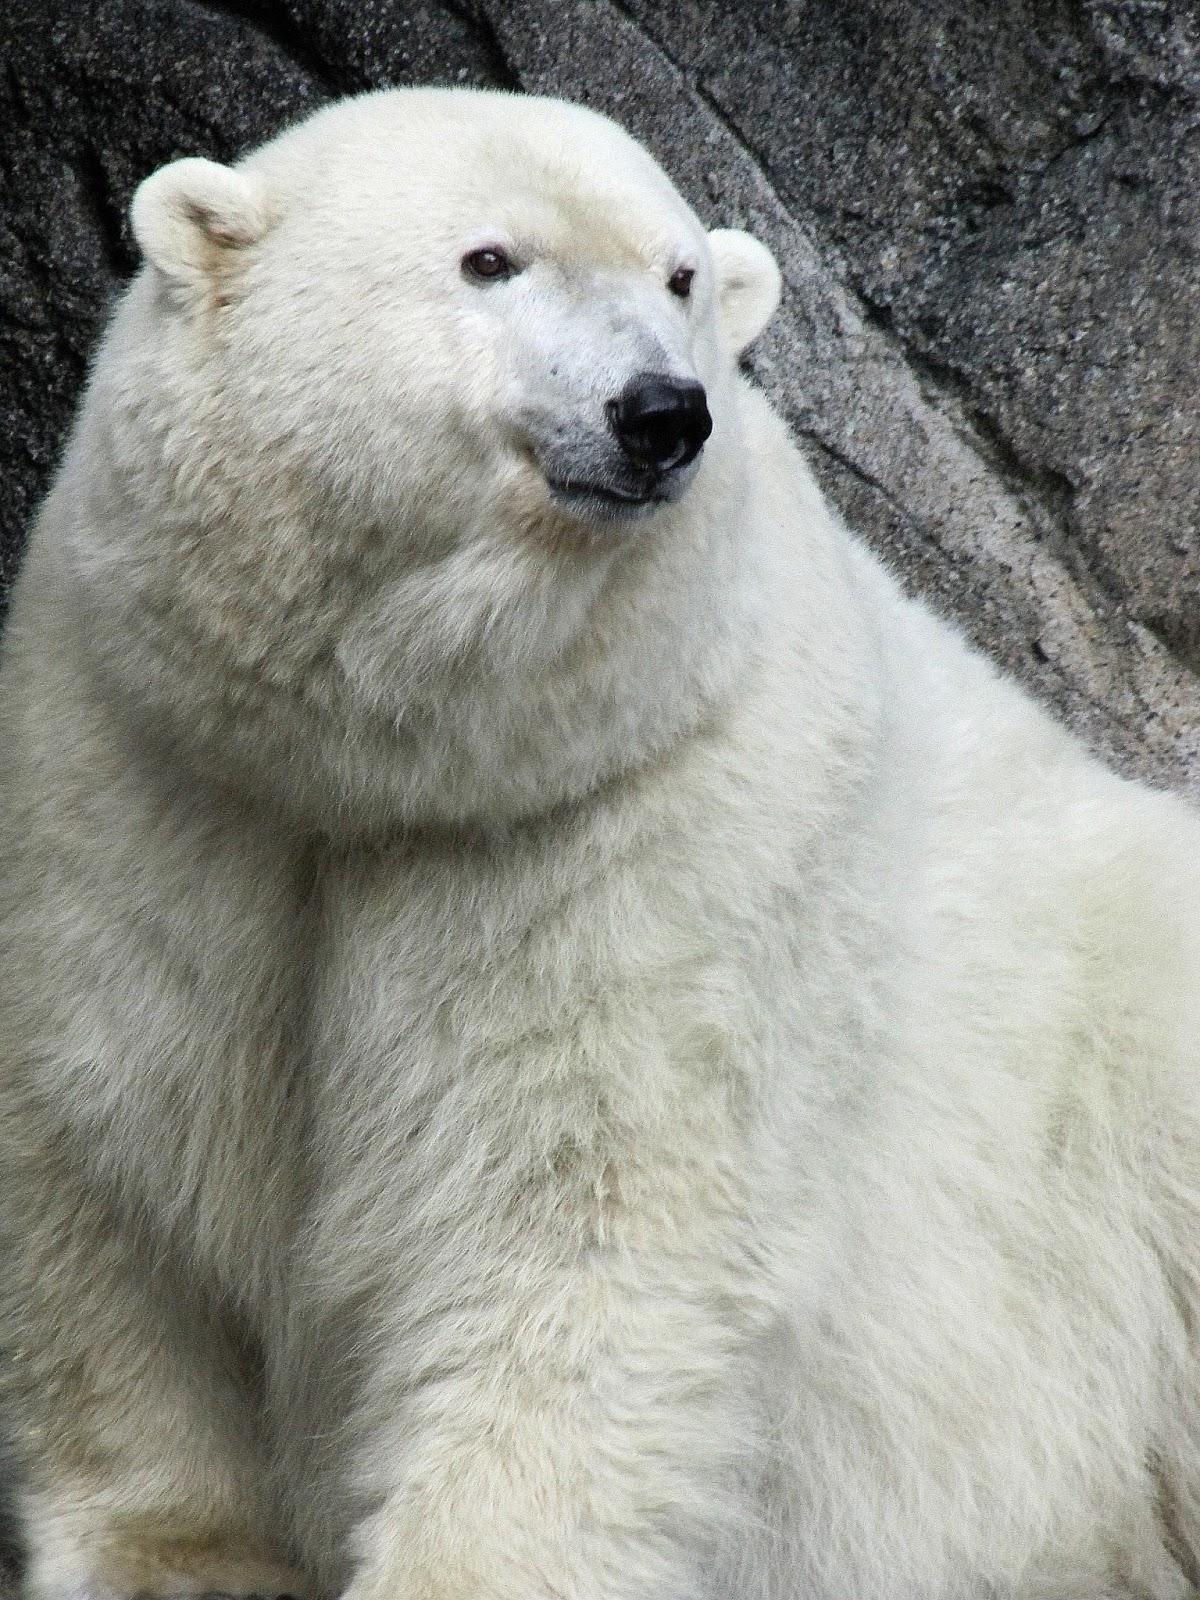 My Polar Bear Friends and Friends of Polar Bears: Only 45